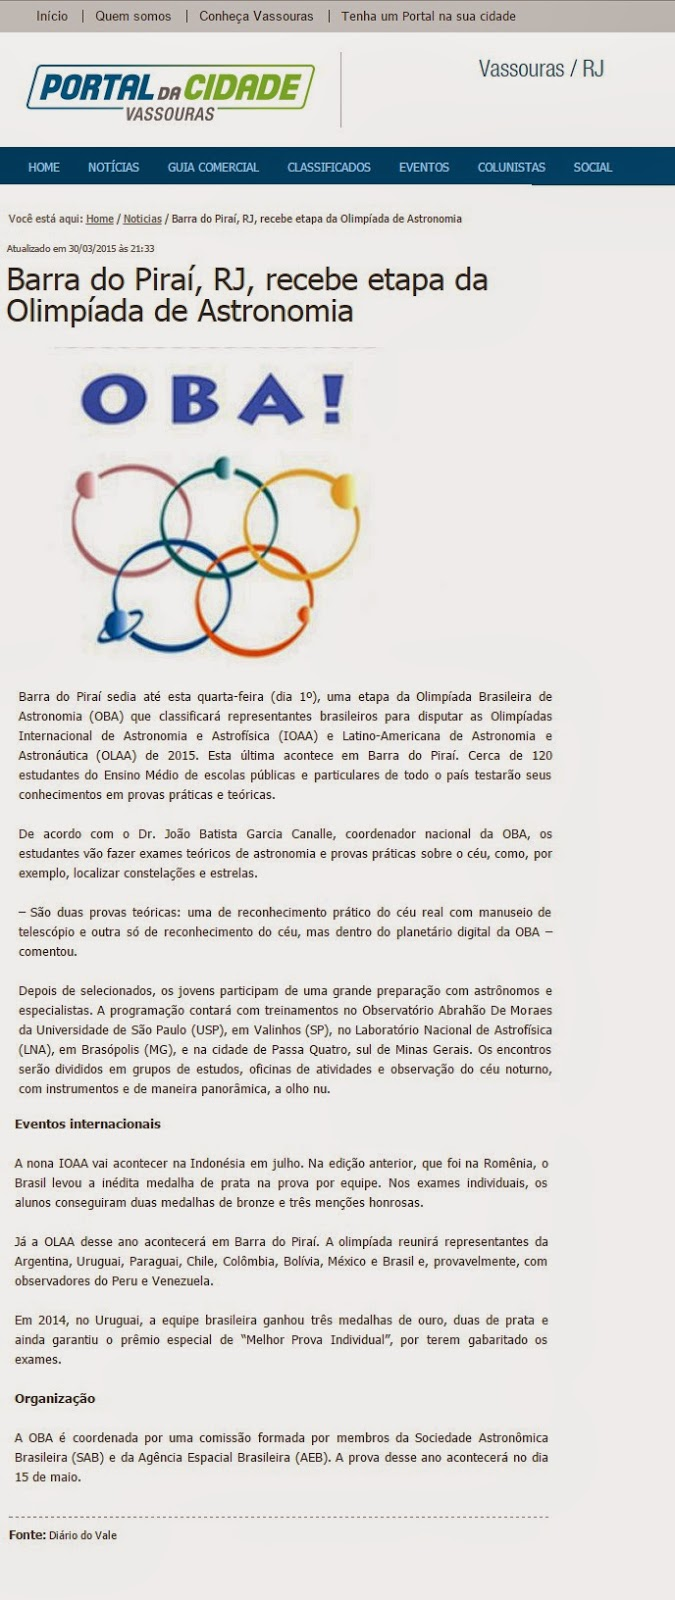 http://vassouras.portaldacidade.com/noticia/id/4030/barra-do-pirai-rj-recebe-etapa-da-olimpiada-de-astronomia